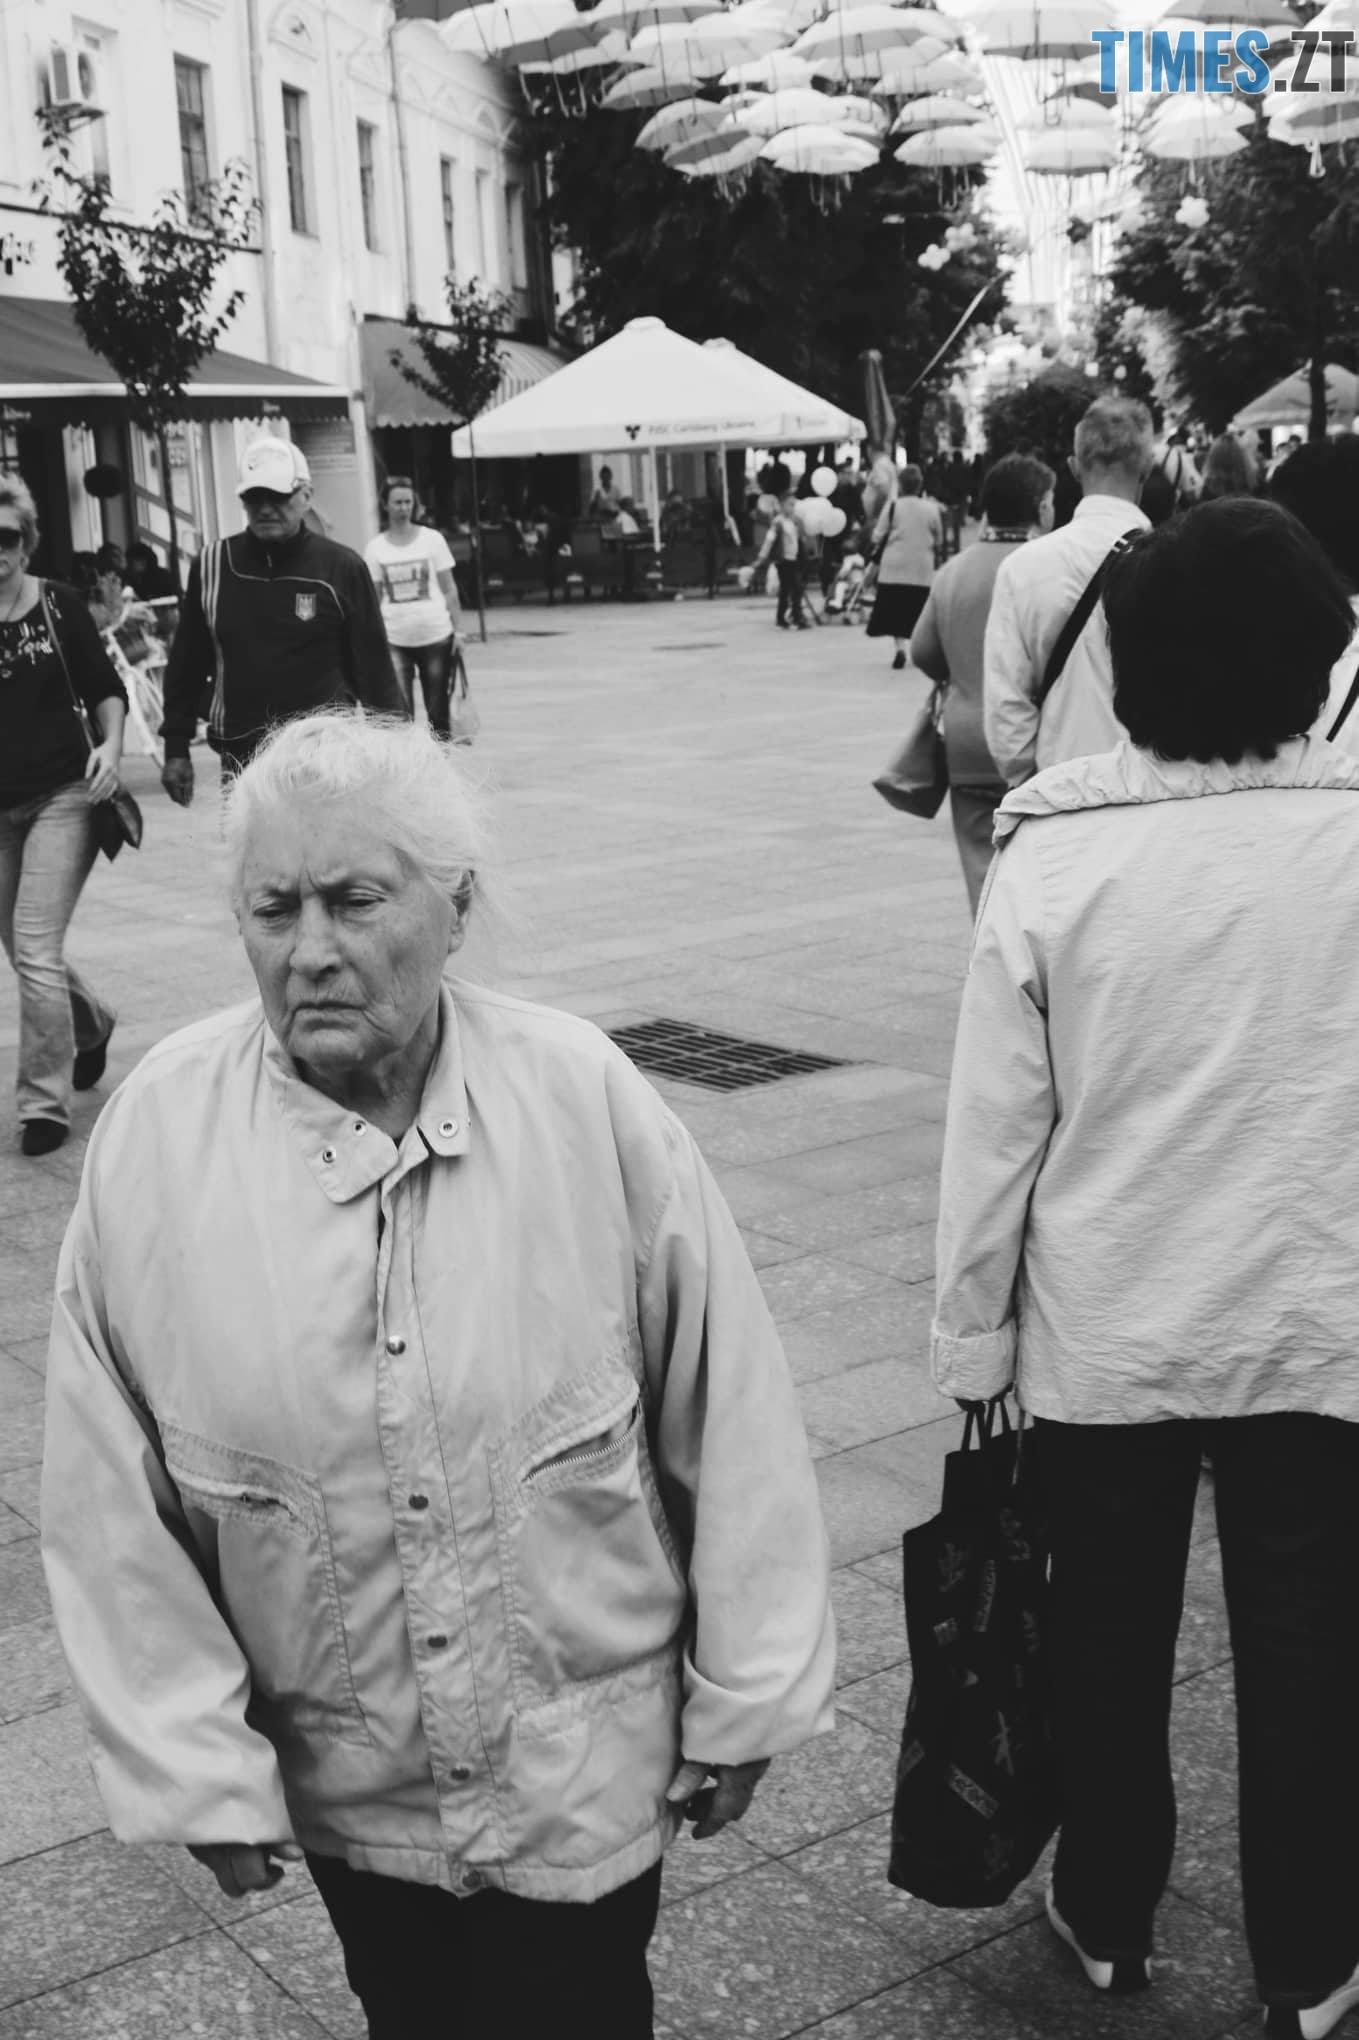 41539620 334001980683856 4733397329942413312 n - Старість чи її відчуття: звичайні будні житомирян поважного віку (ФОТОРЕПОРТАЖ)